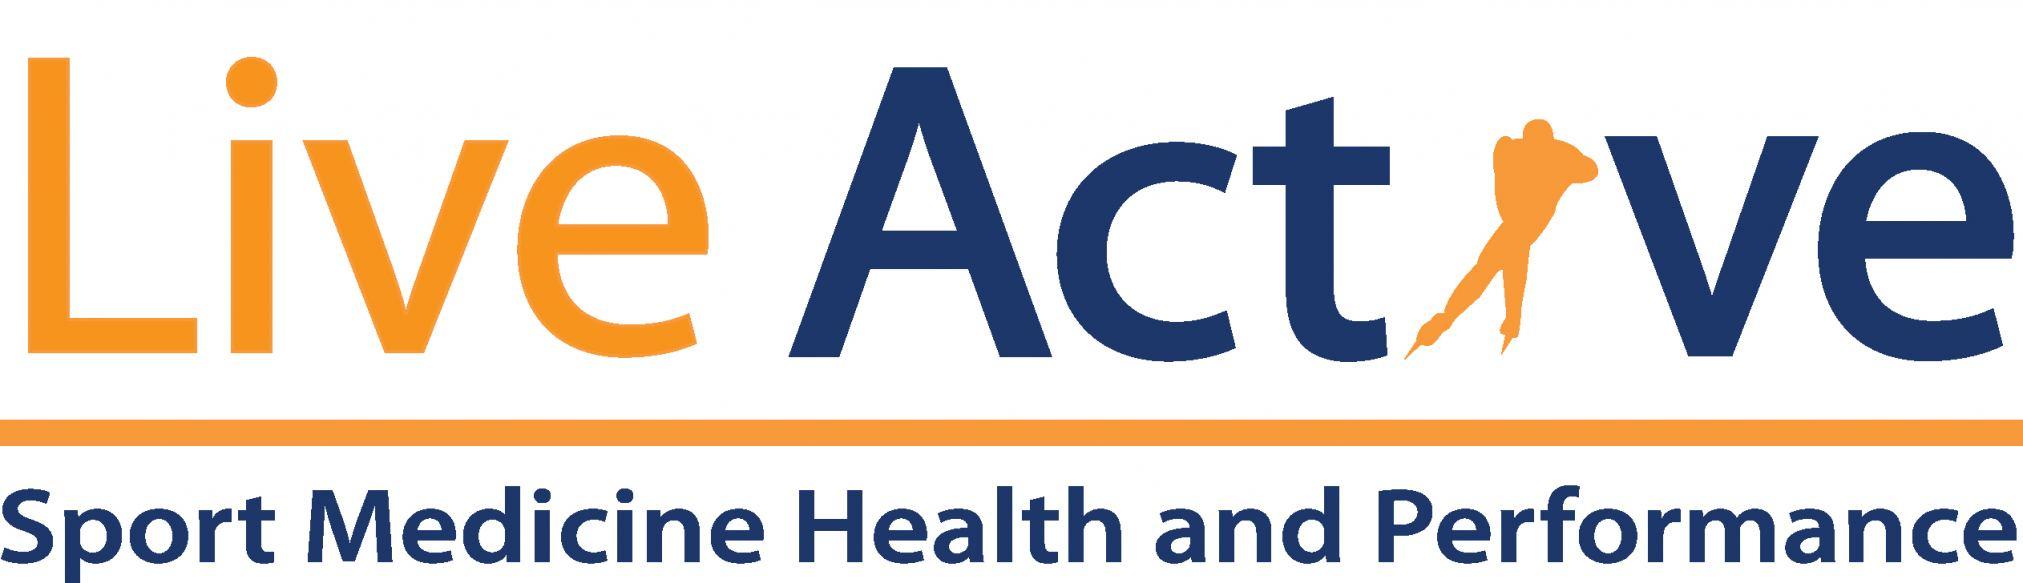 liveactivesportmed Logo